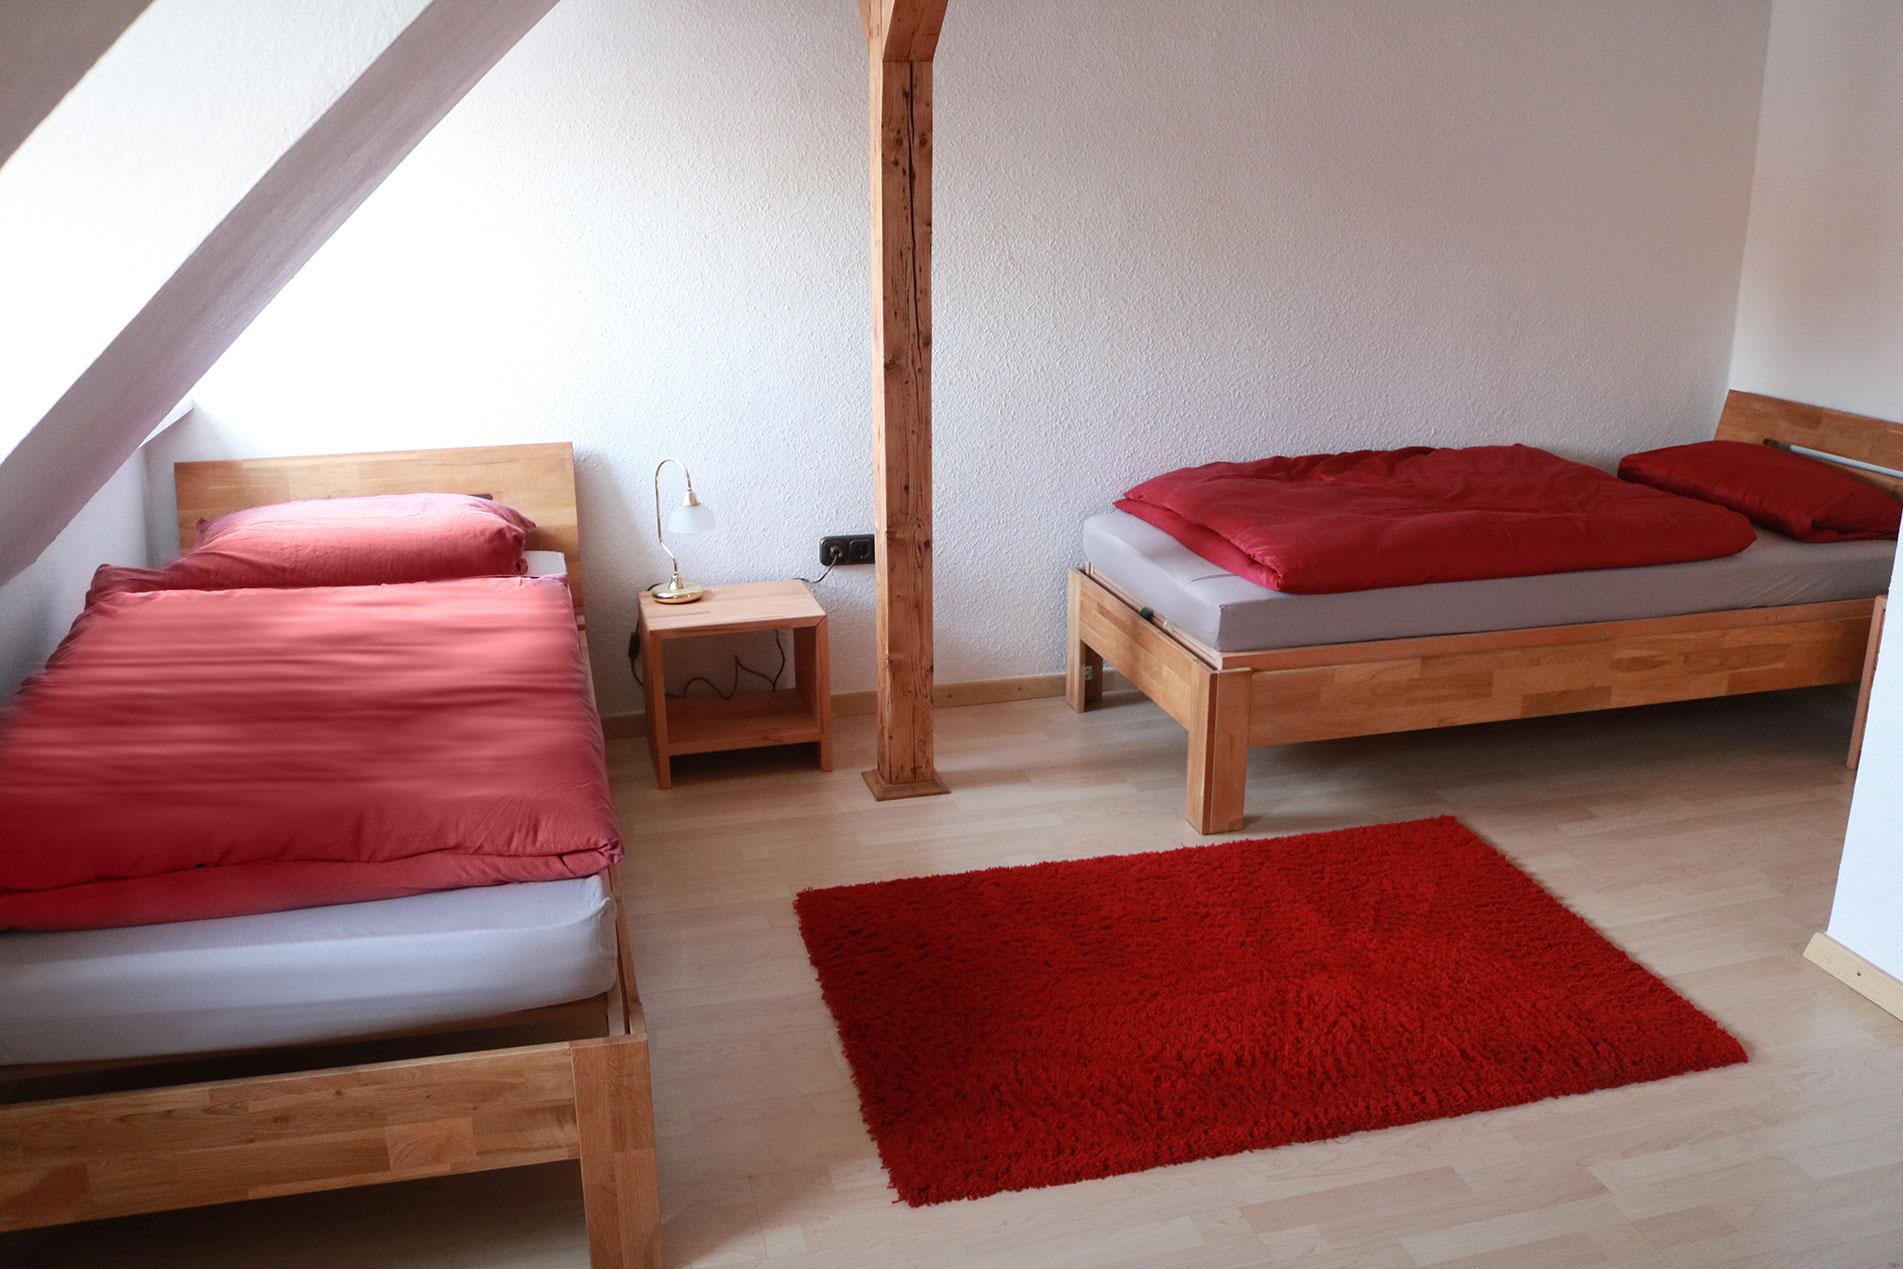 Schlafzimmer, die Betten können auf Wunsch auch zusammengestellt werden